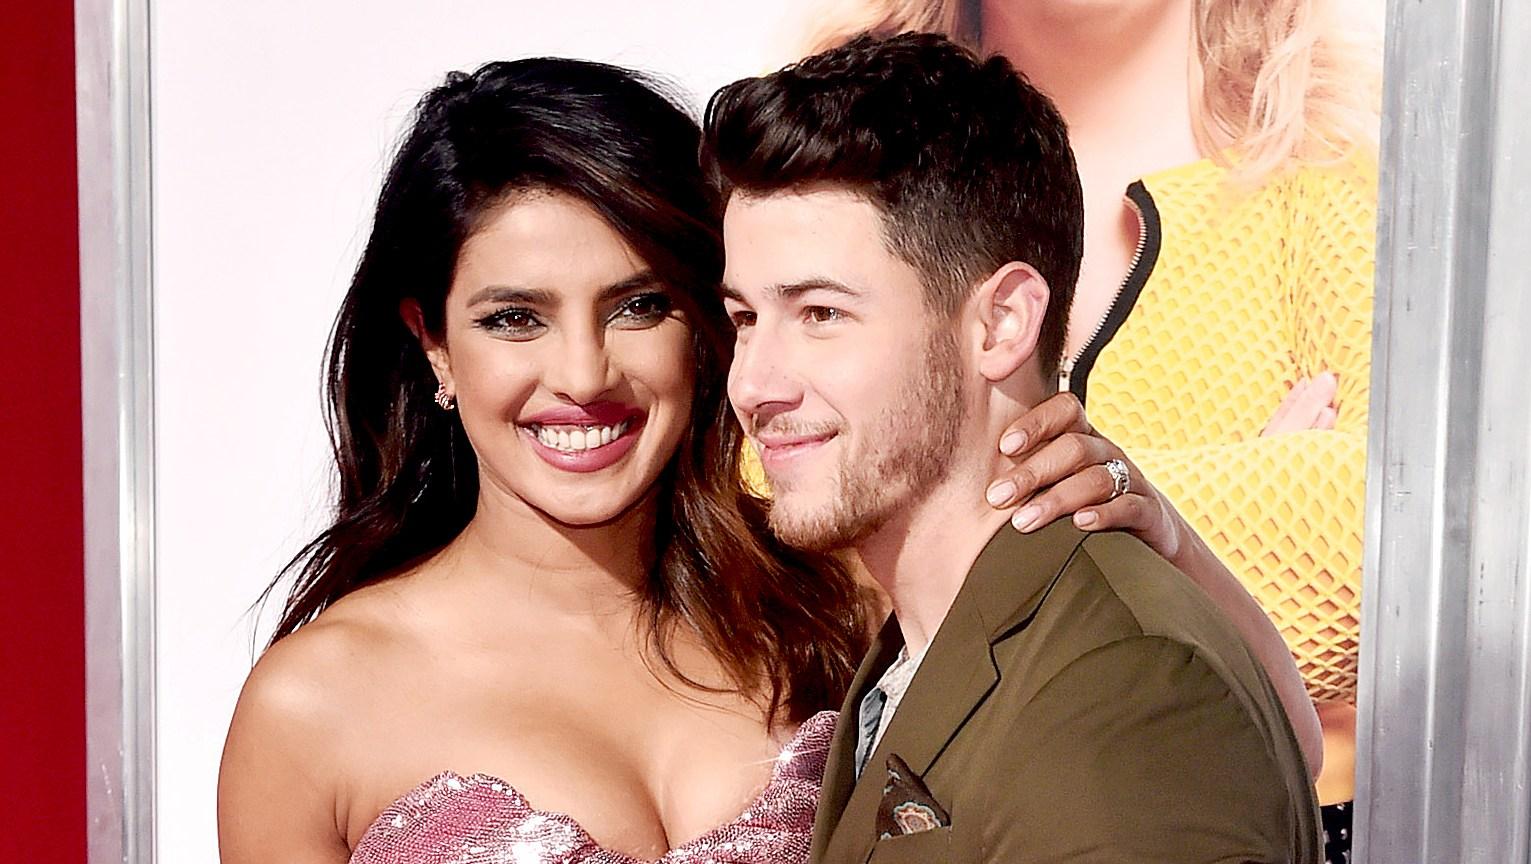 Nick-Jonas-Covers-Shallow-Priyanka-Chopra-Records